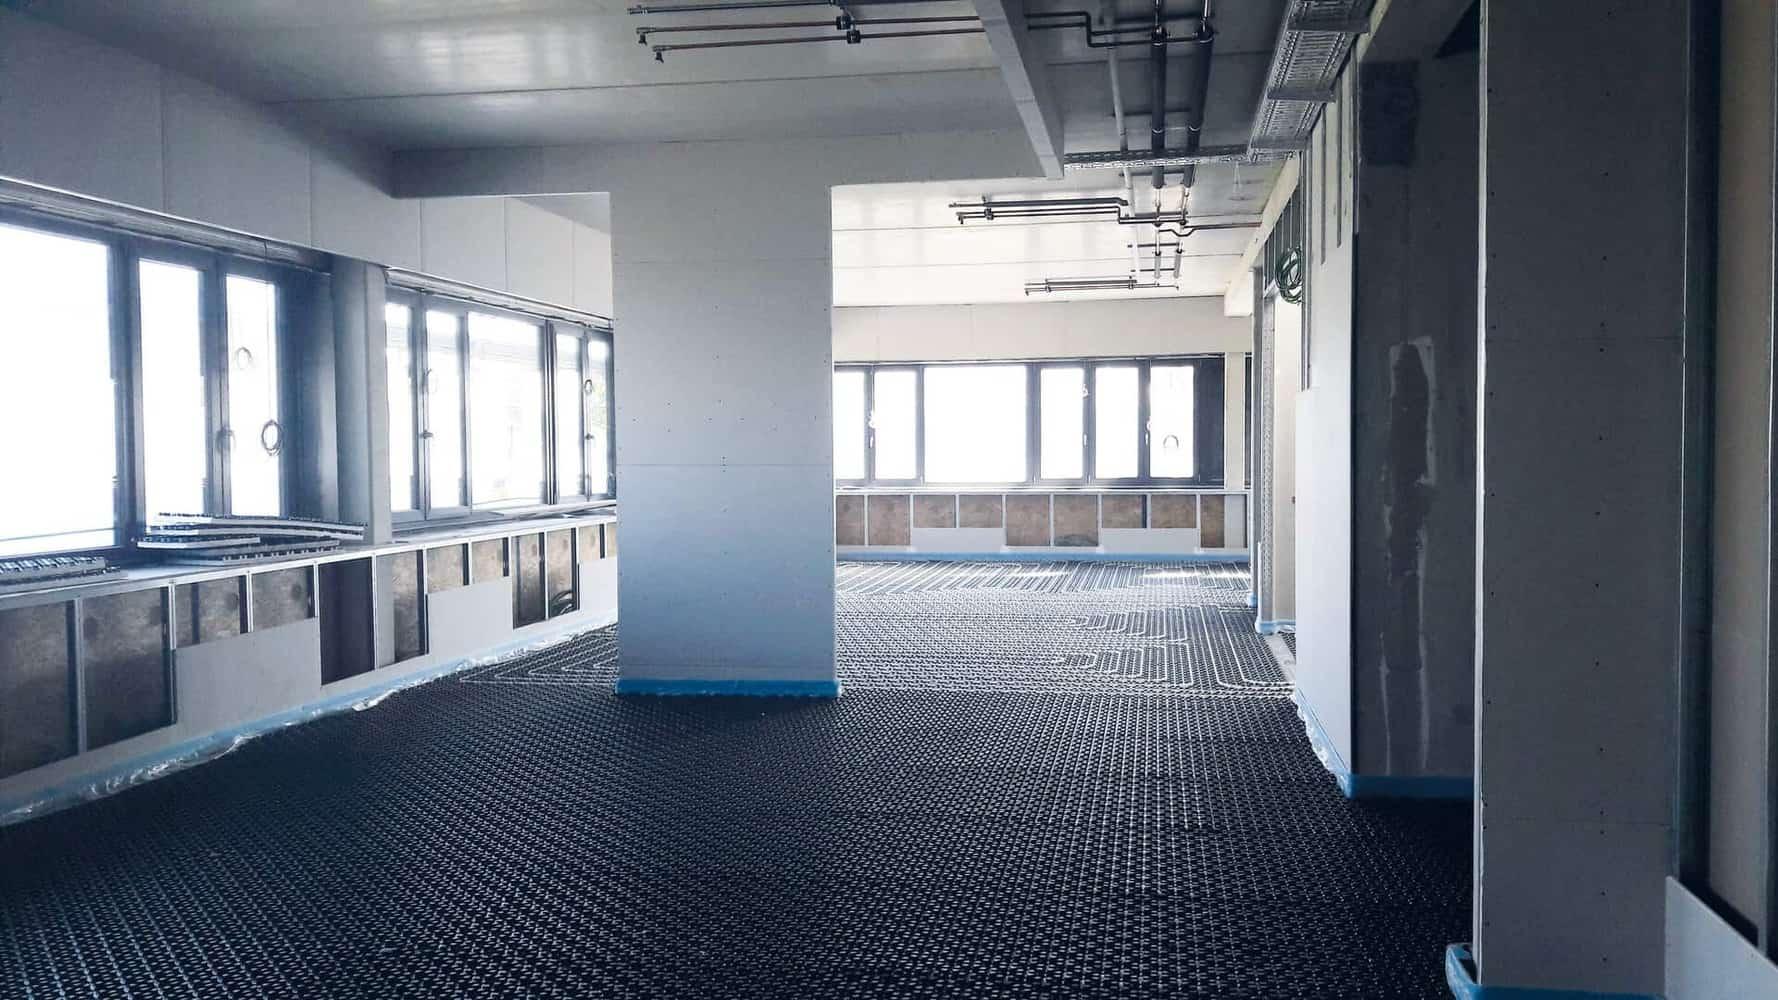 Eberhard Rink Sanitär · Heizung · Elektro GmbH & Co.KG – außen und innen schreiten die Arbeiten voran und auf der Baustelle wird fleißig gewerkelt!